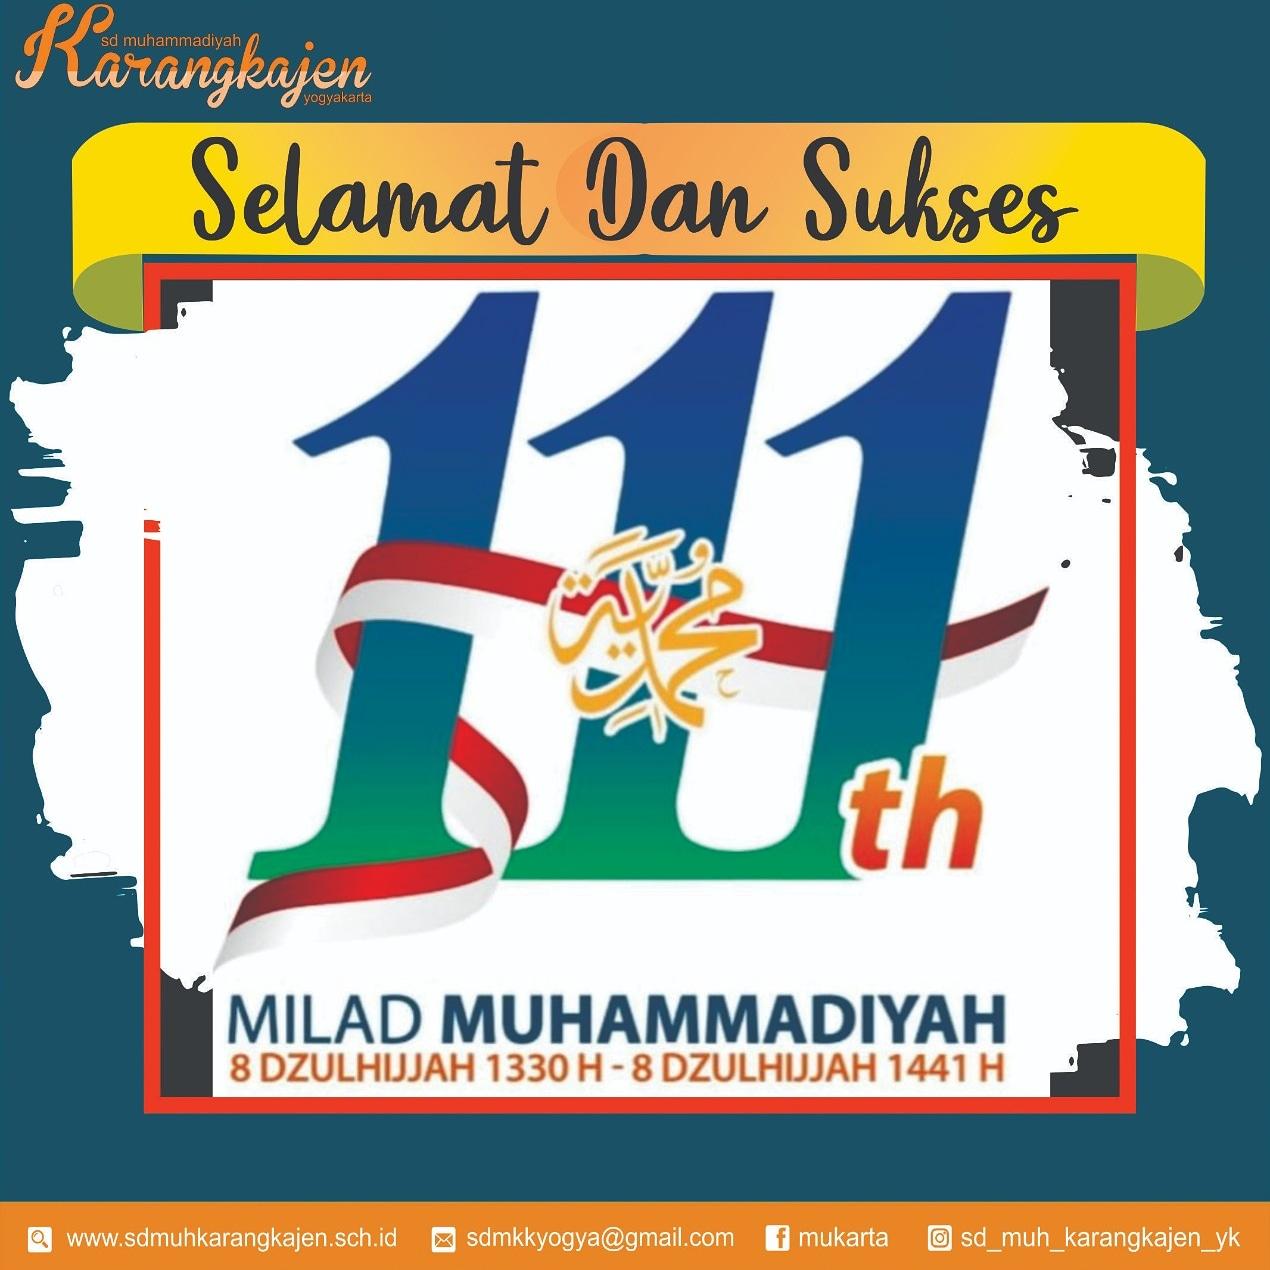 Milad Muhammadiyah ke-111